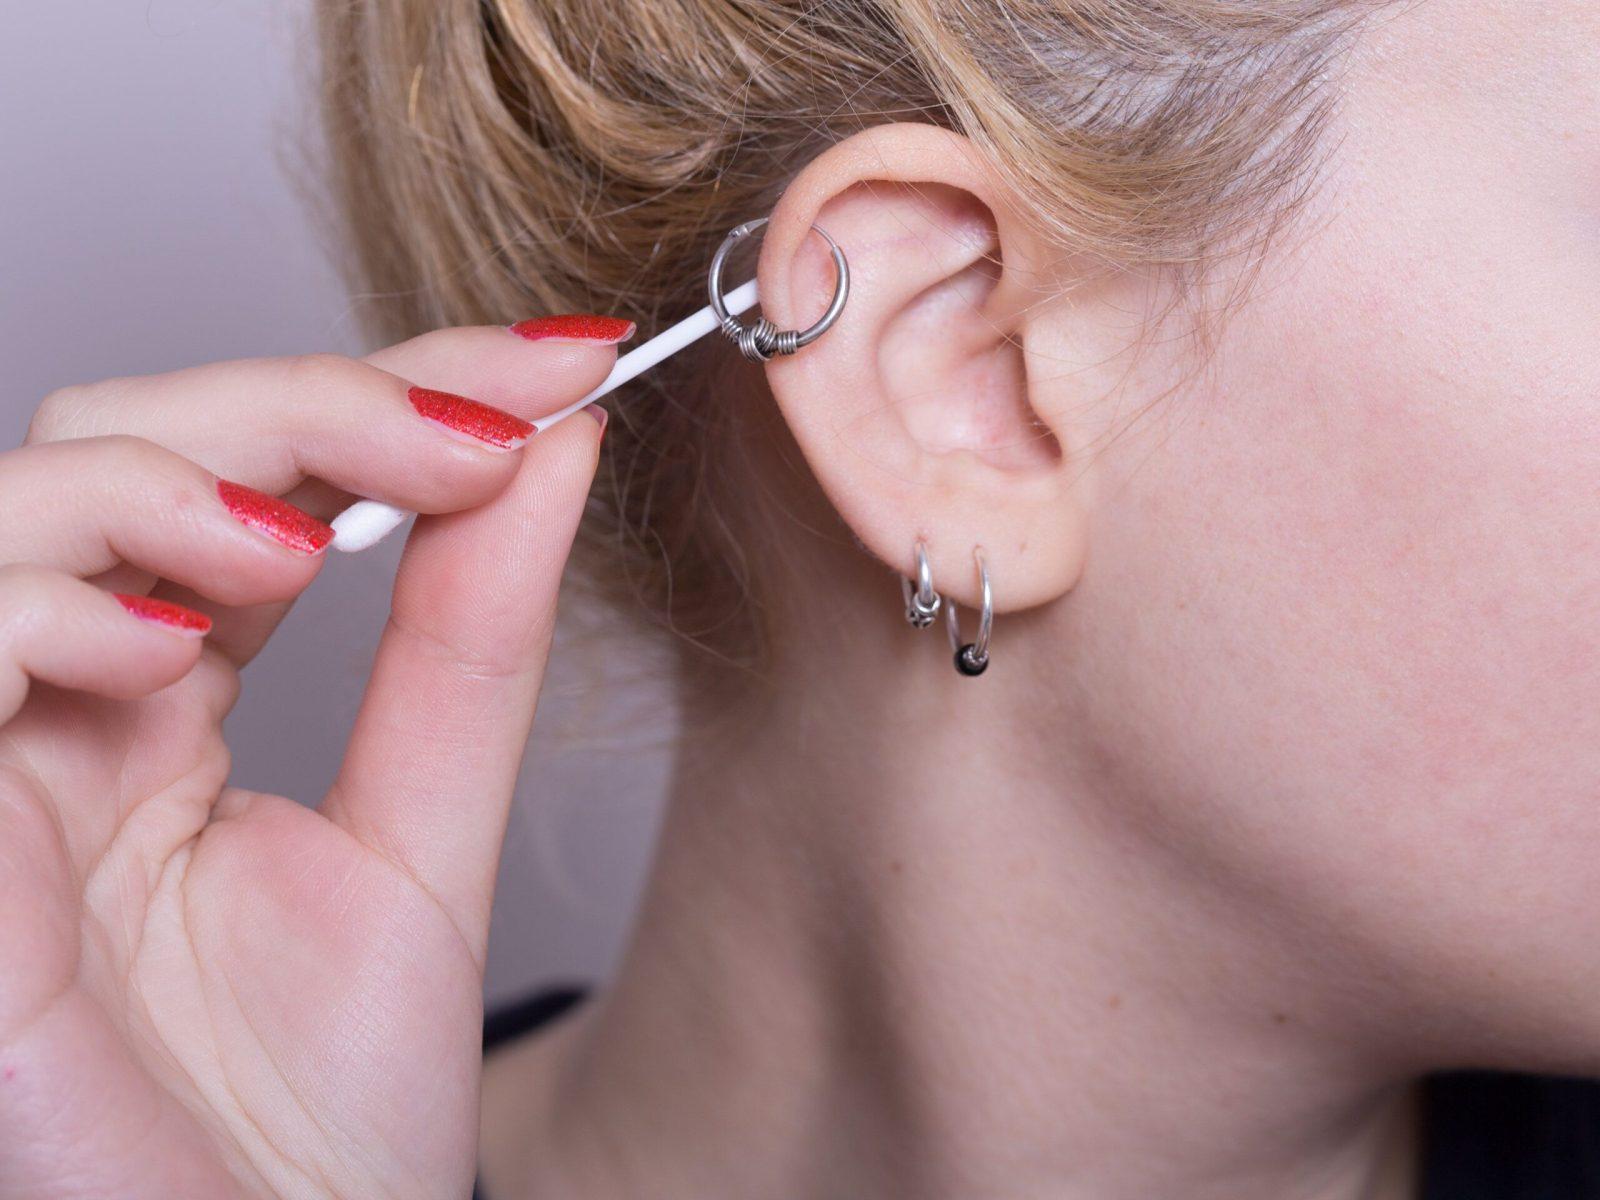 Девушка обрабатывает дырочку в ухе после прокола